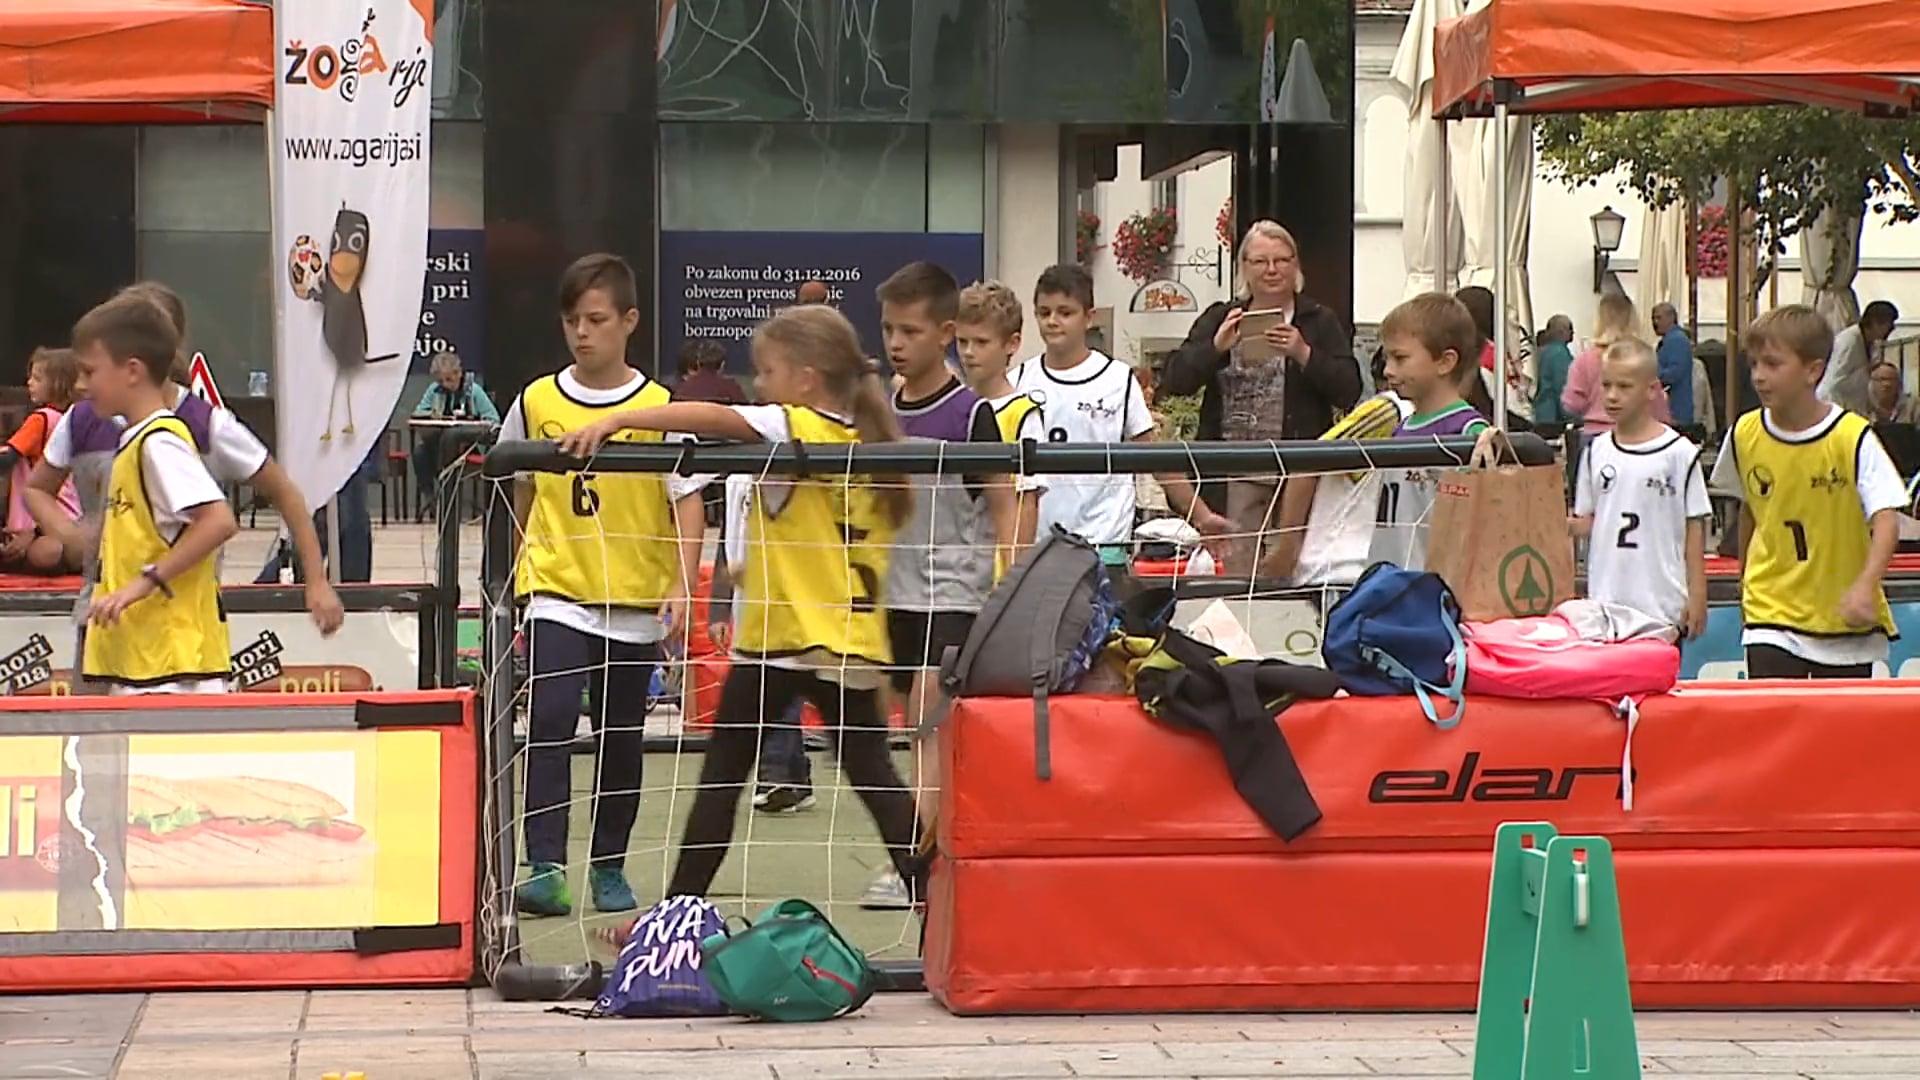 Olimpijski festival evropske mladine leta 2023 v Mariboru?